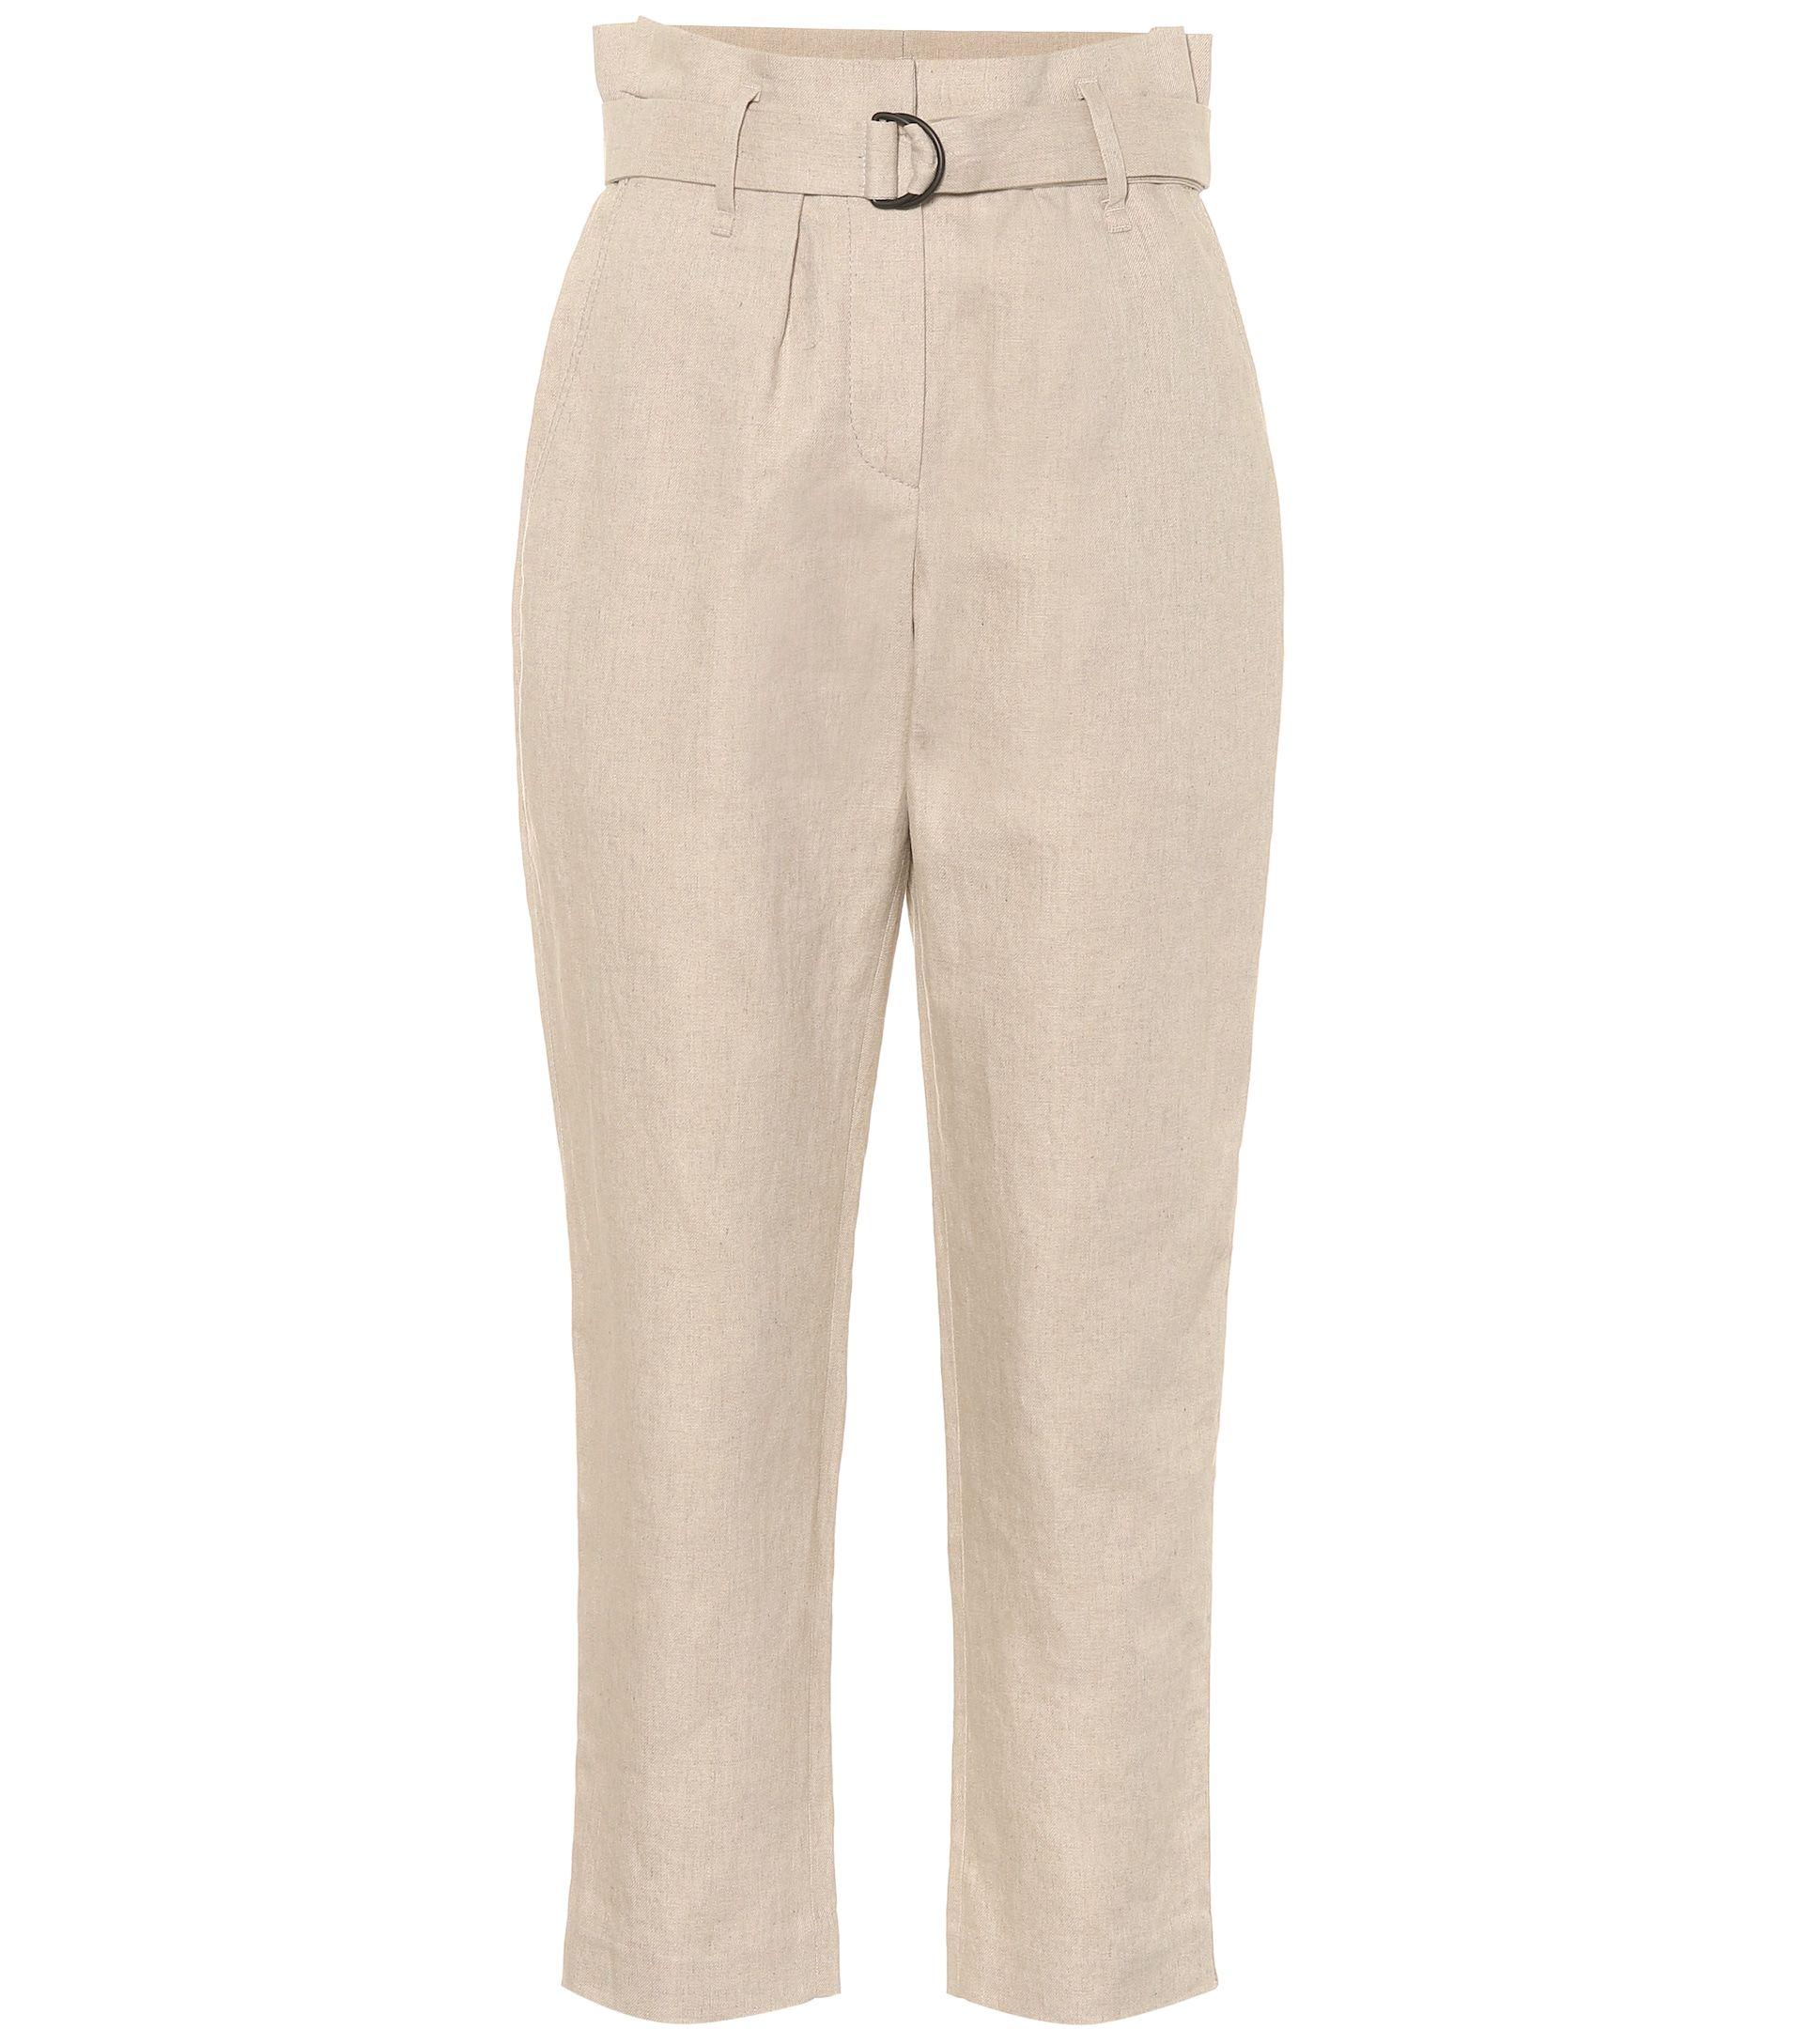 9b0e708ff4 Cotton and linen pants in 2019 | pants | Linen pants, Pants, Cotton